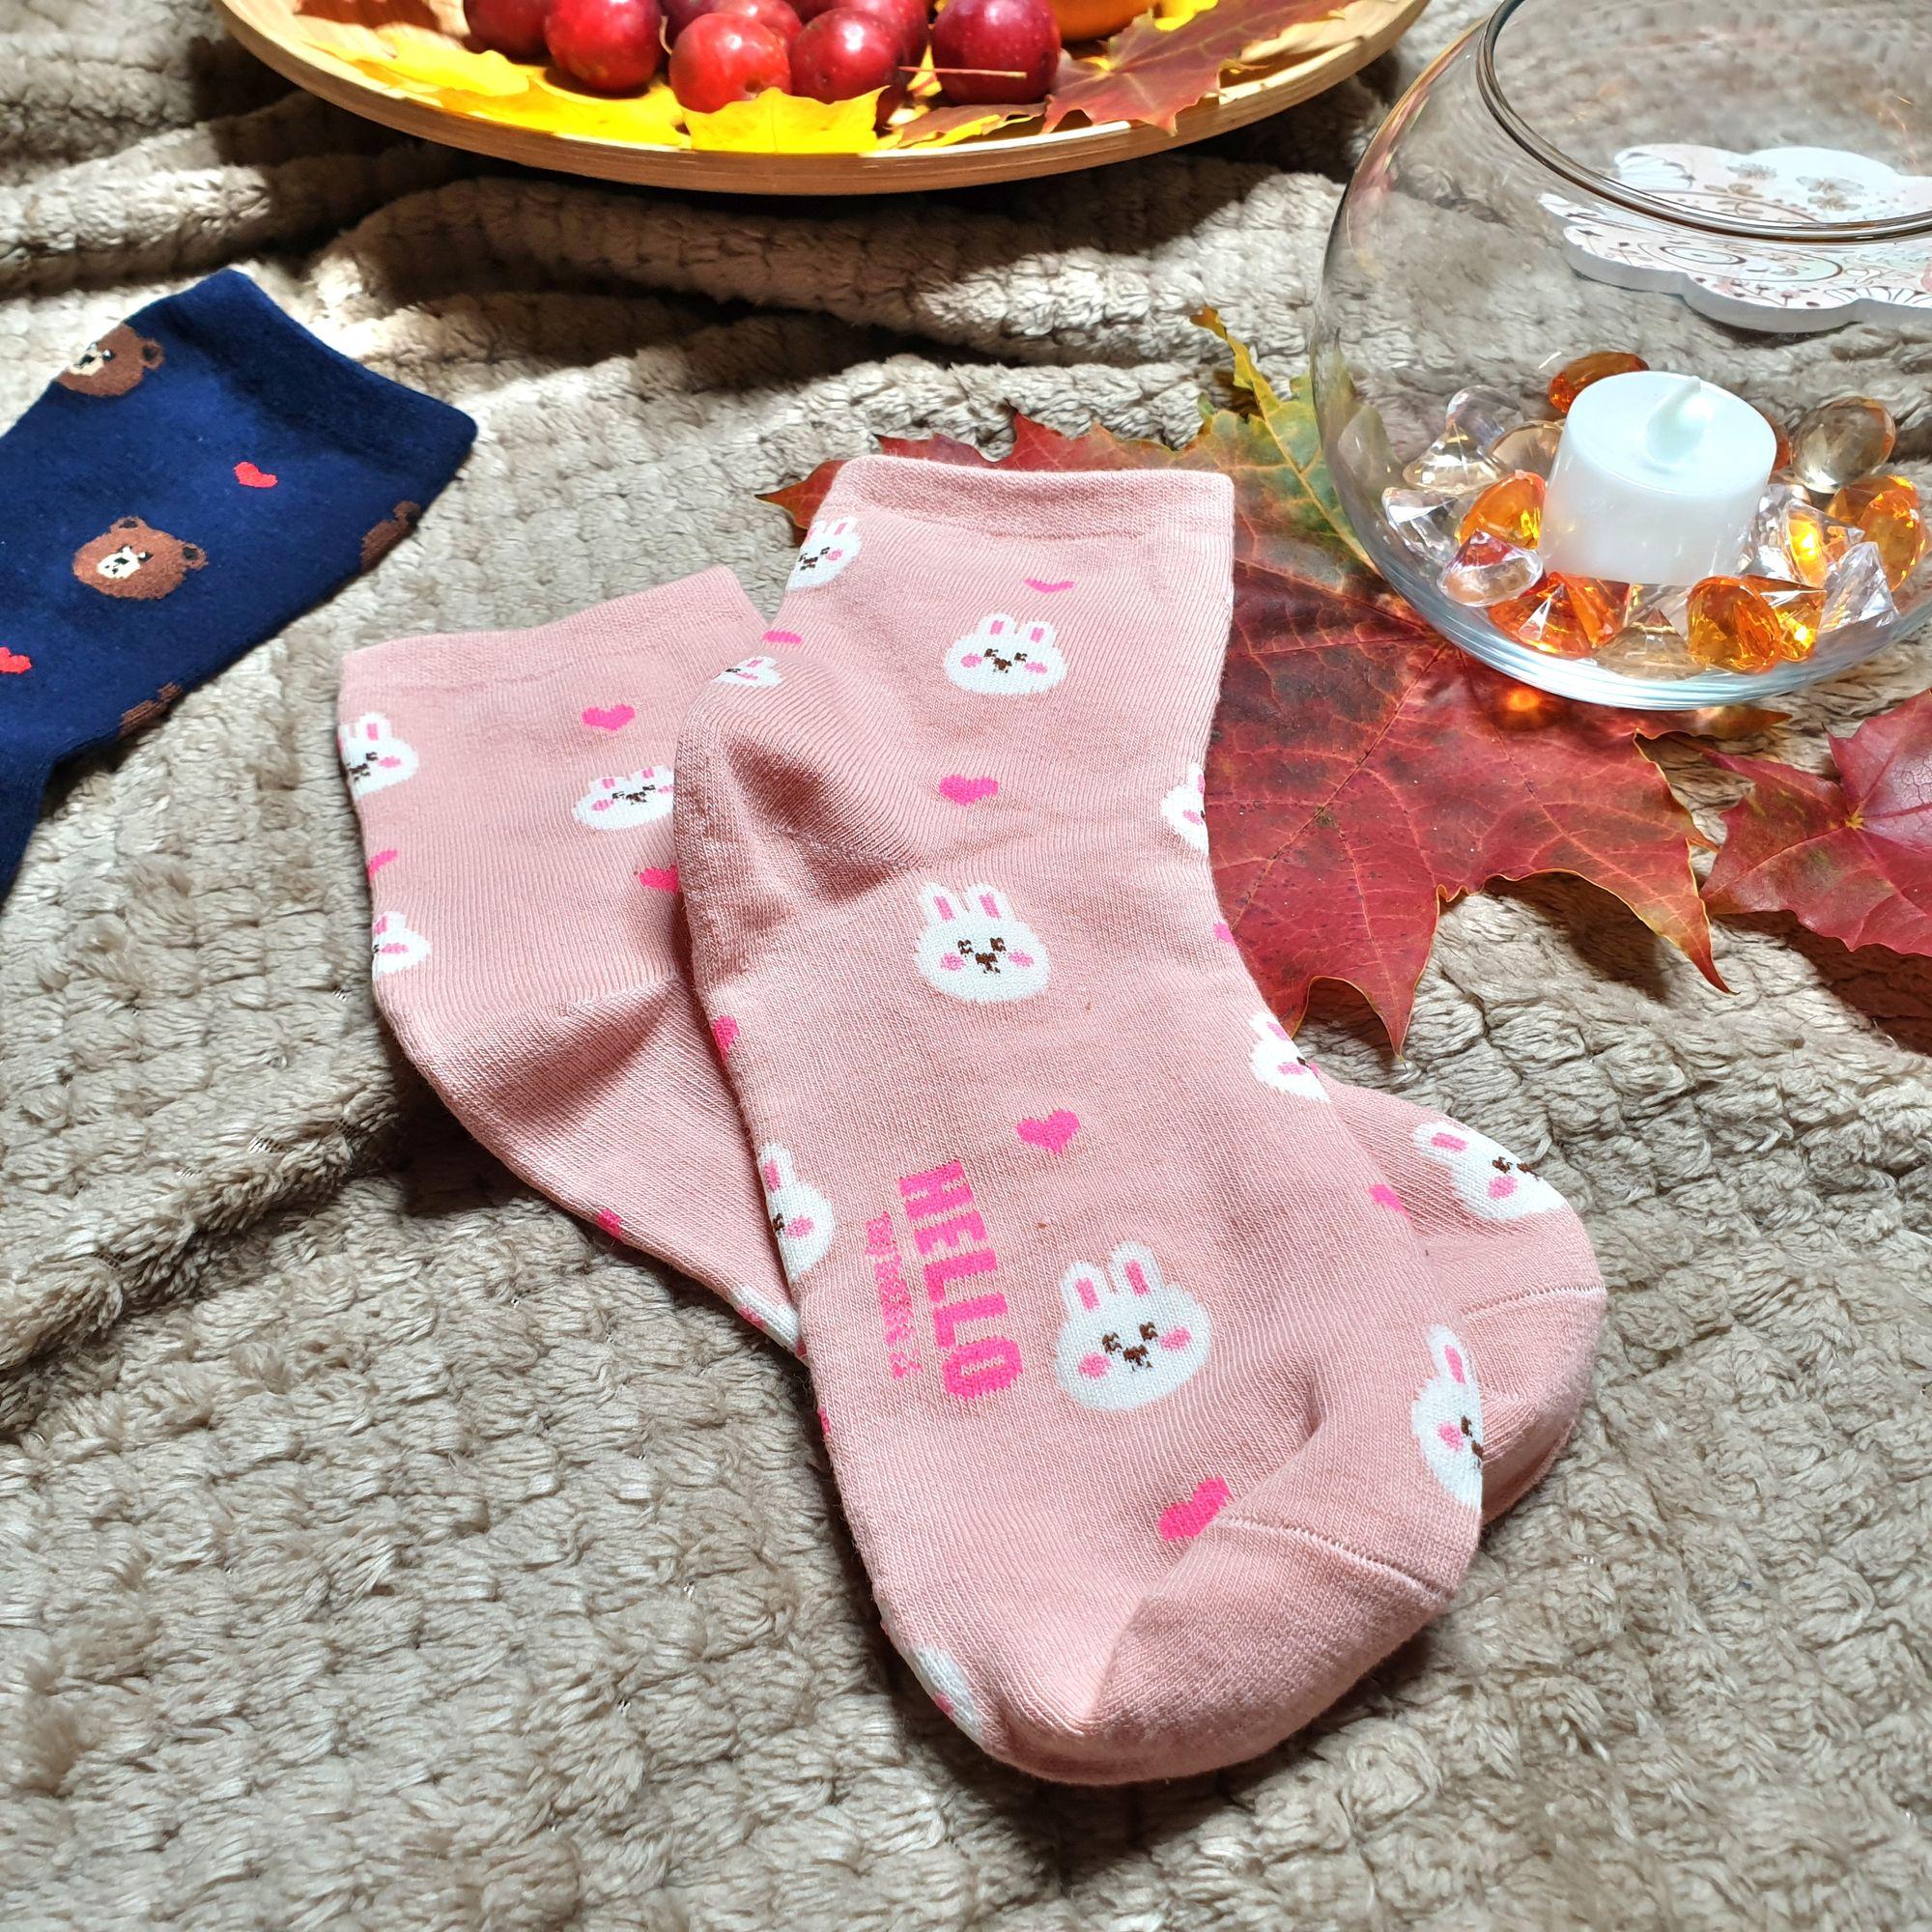 Забавные мягкие, эластичные и очень удобные носки - Алиэкспресс